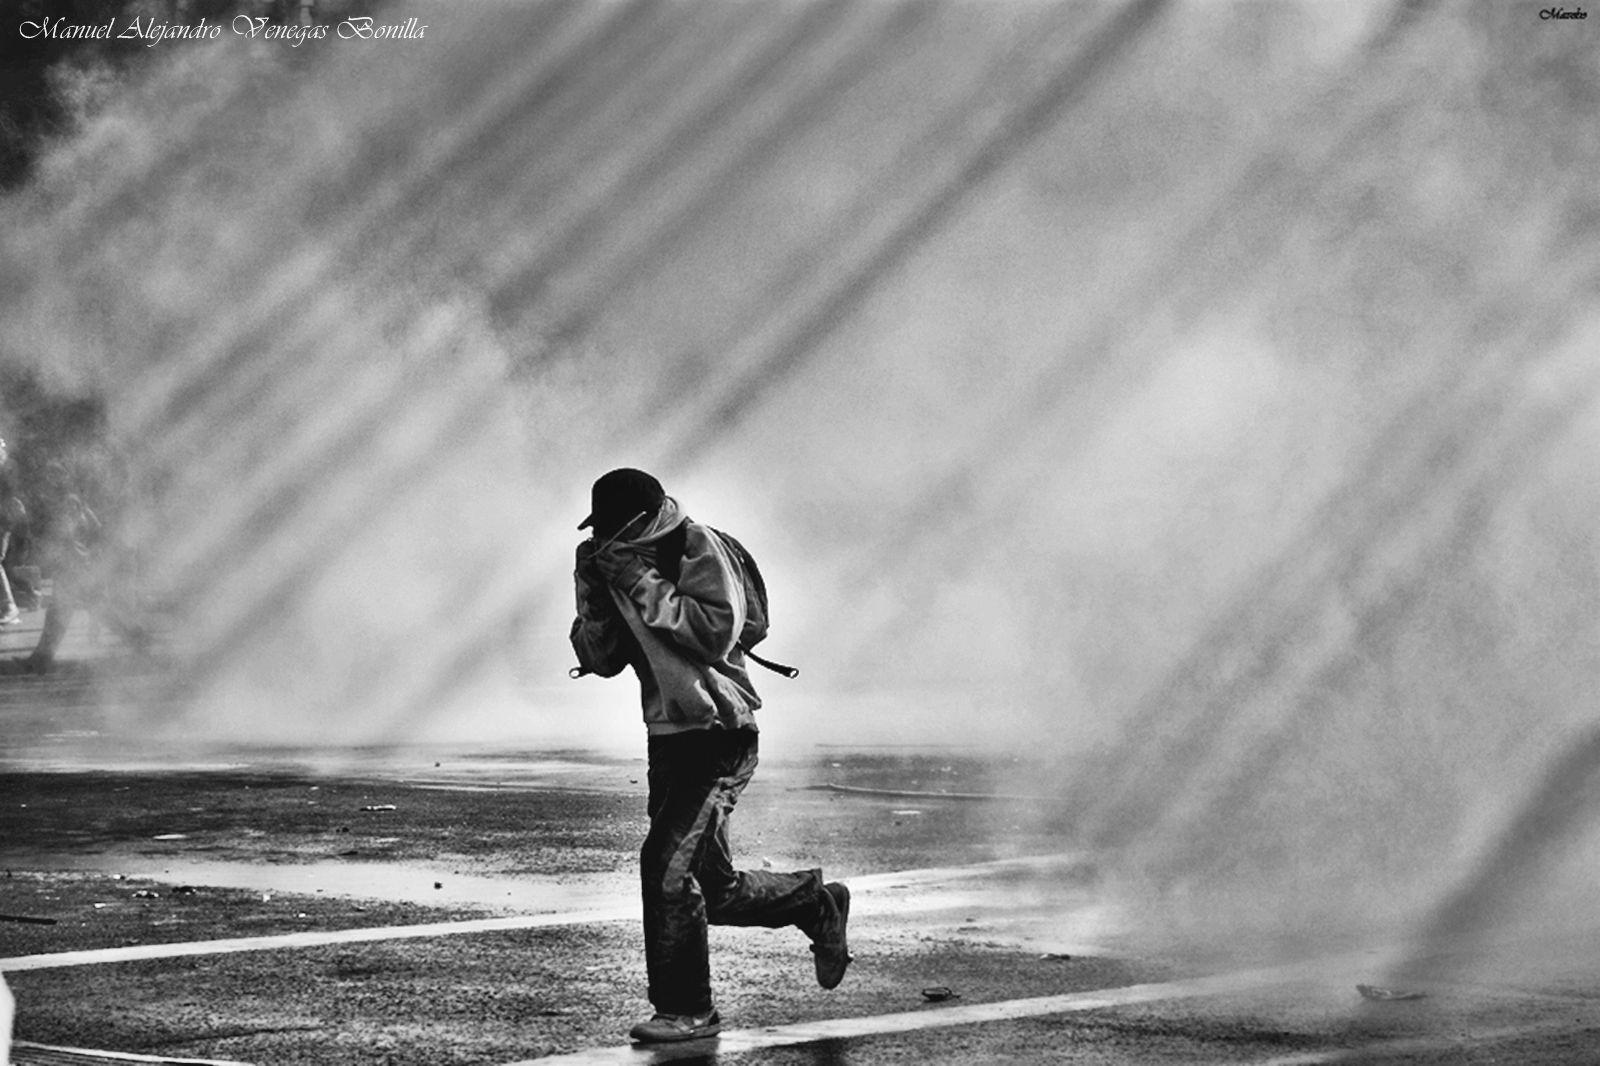 Lo bello de una protesta by Manuel Alejandro Venegas Bonilla #photojournalismphotography #photography